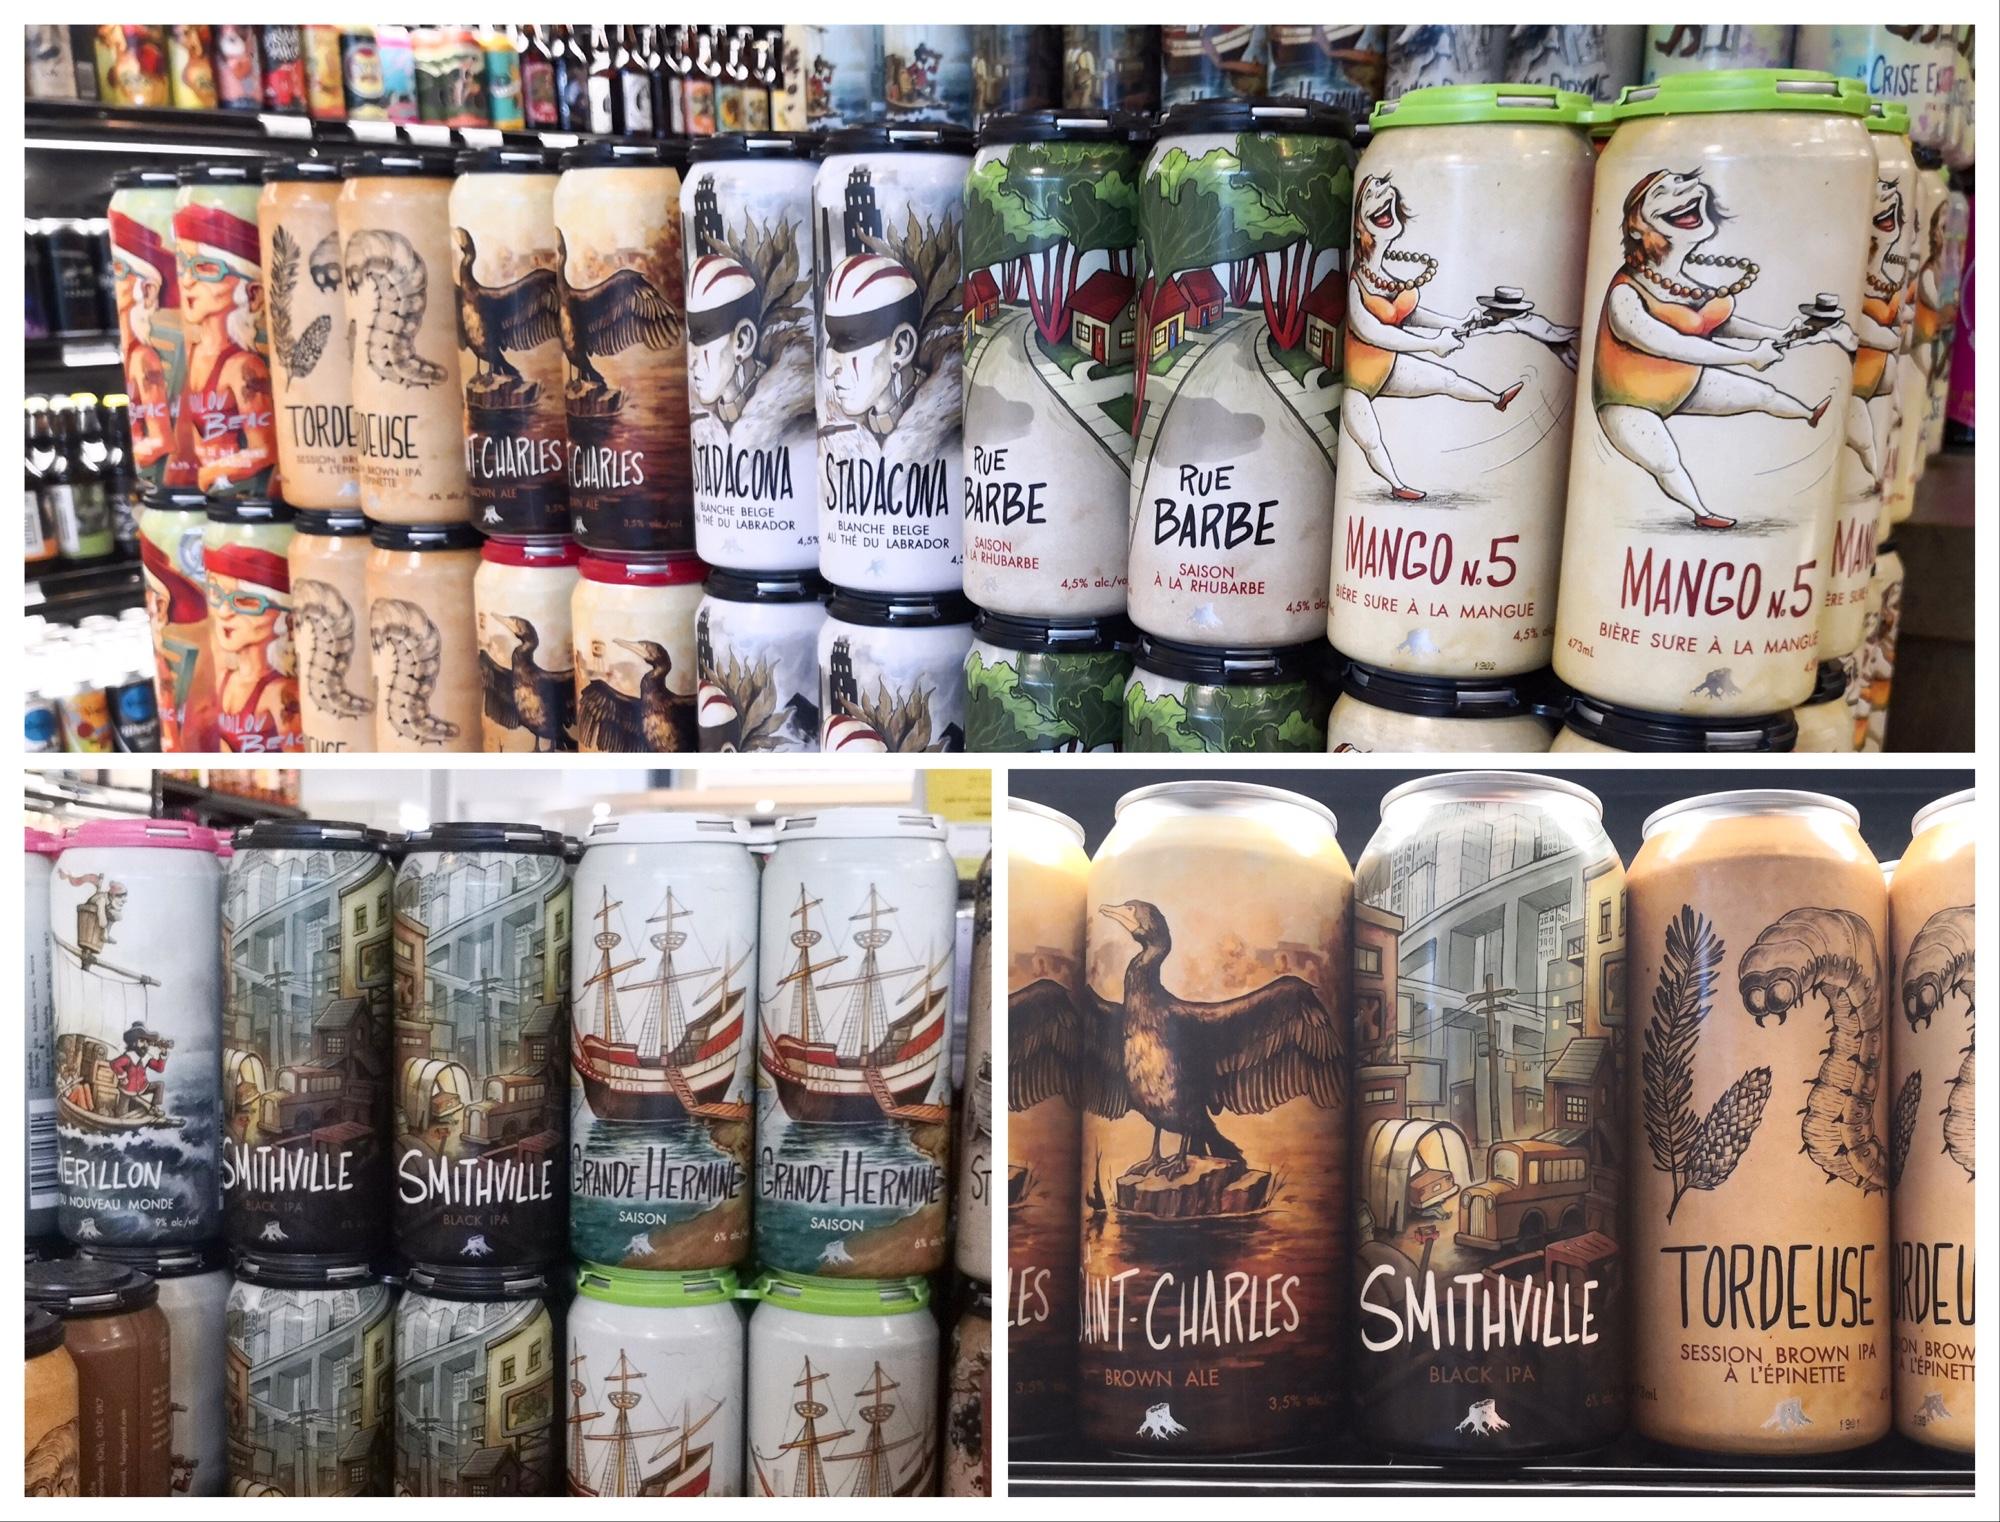 ケベックシティのビール人気ショップ ルグランマルシェのクラフトビール